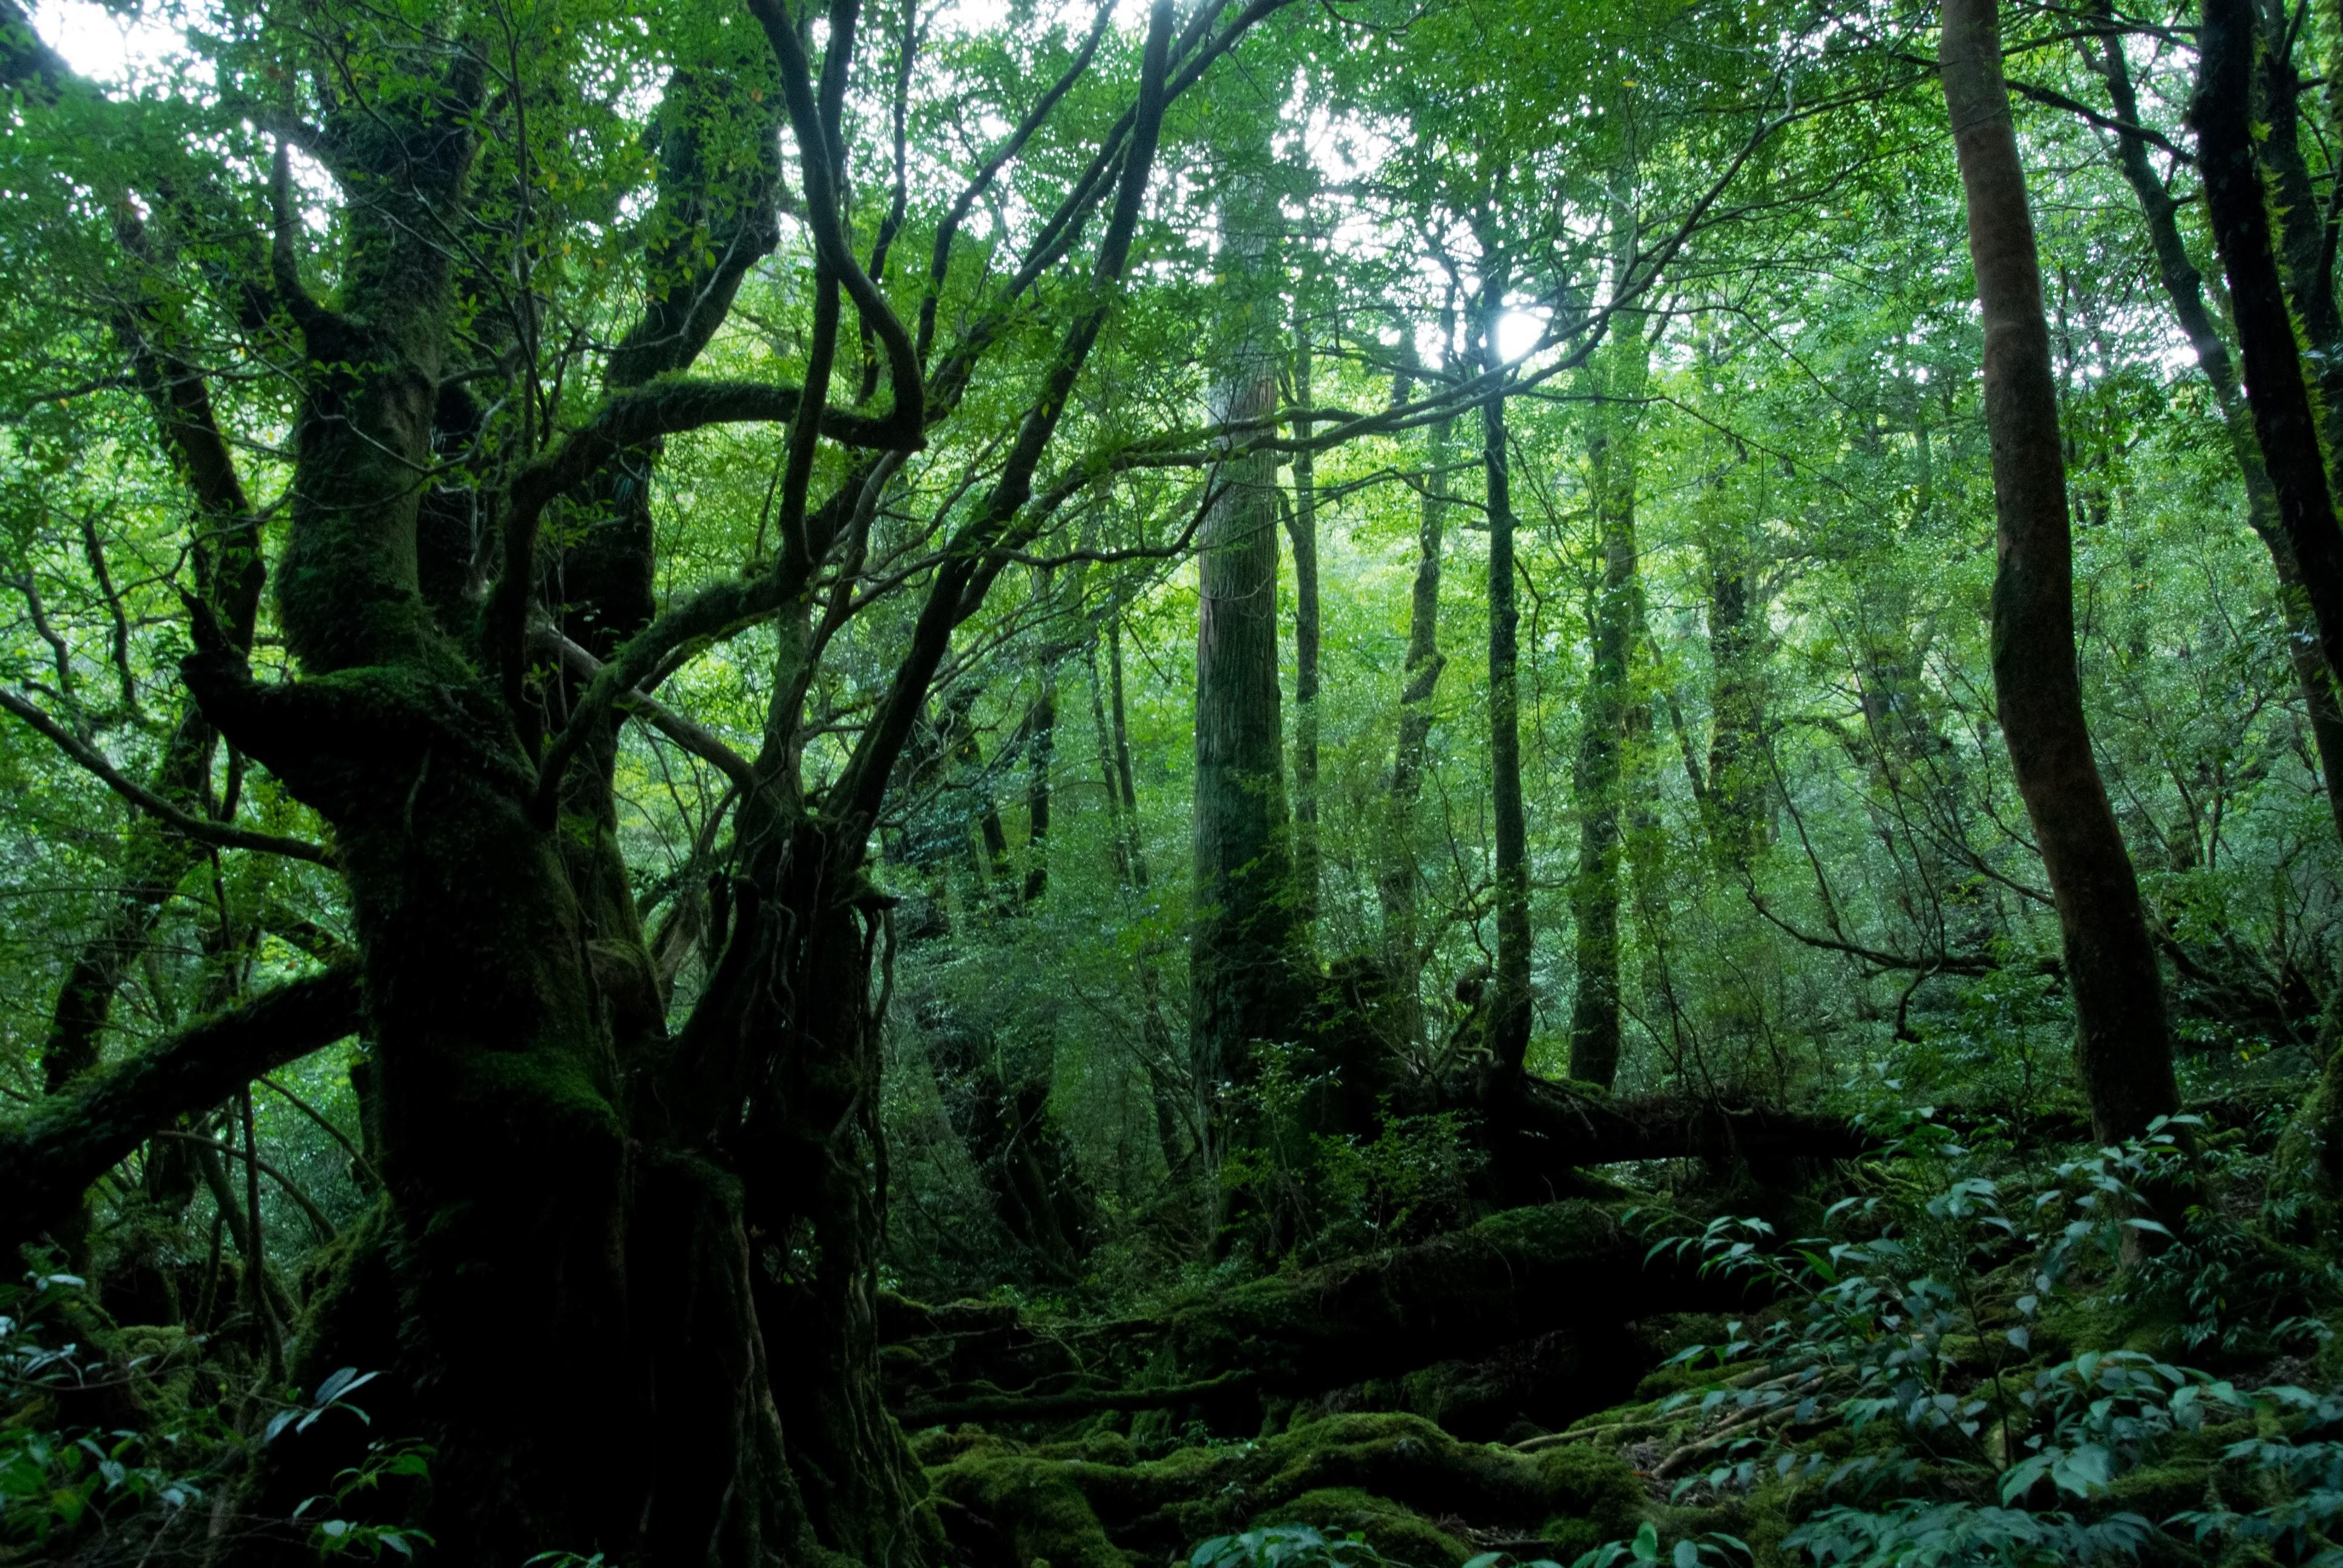 屋久島の森無料の写真素材はフリー素材のぱくたそ